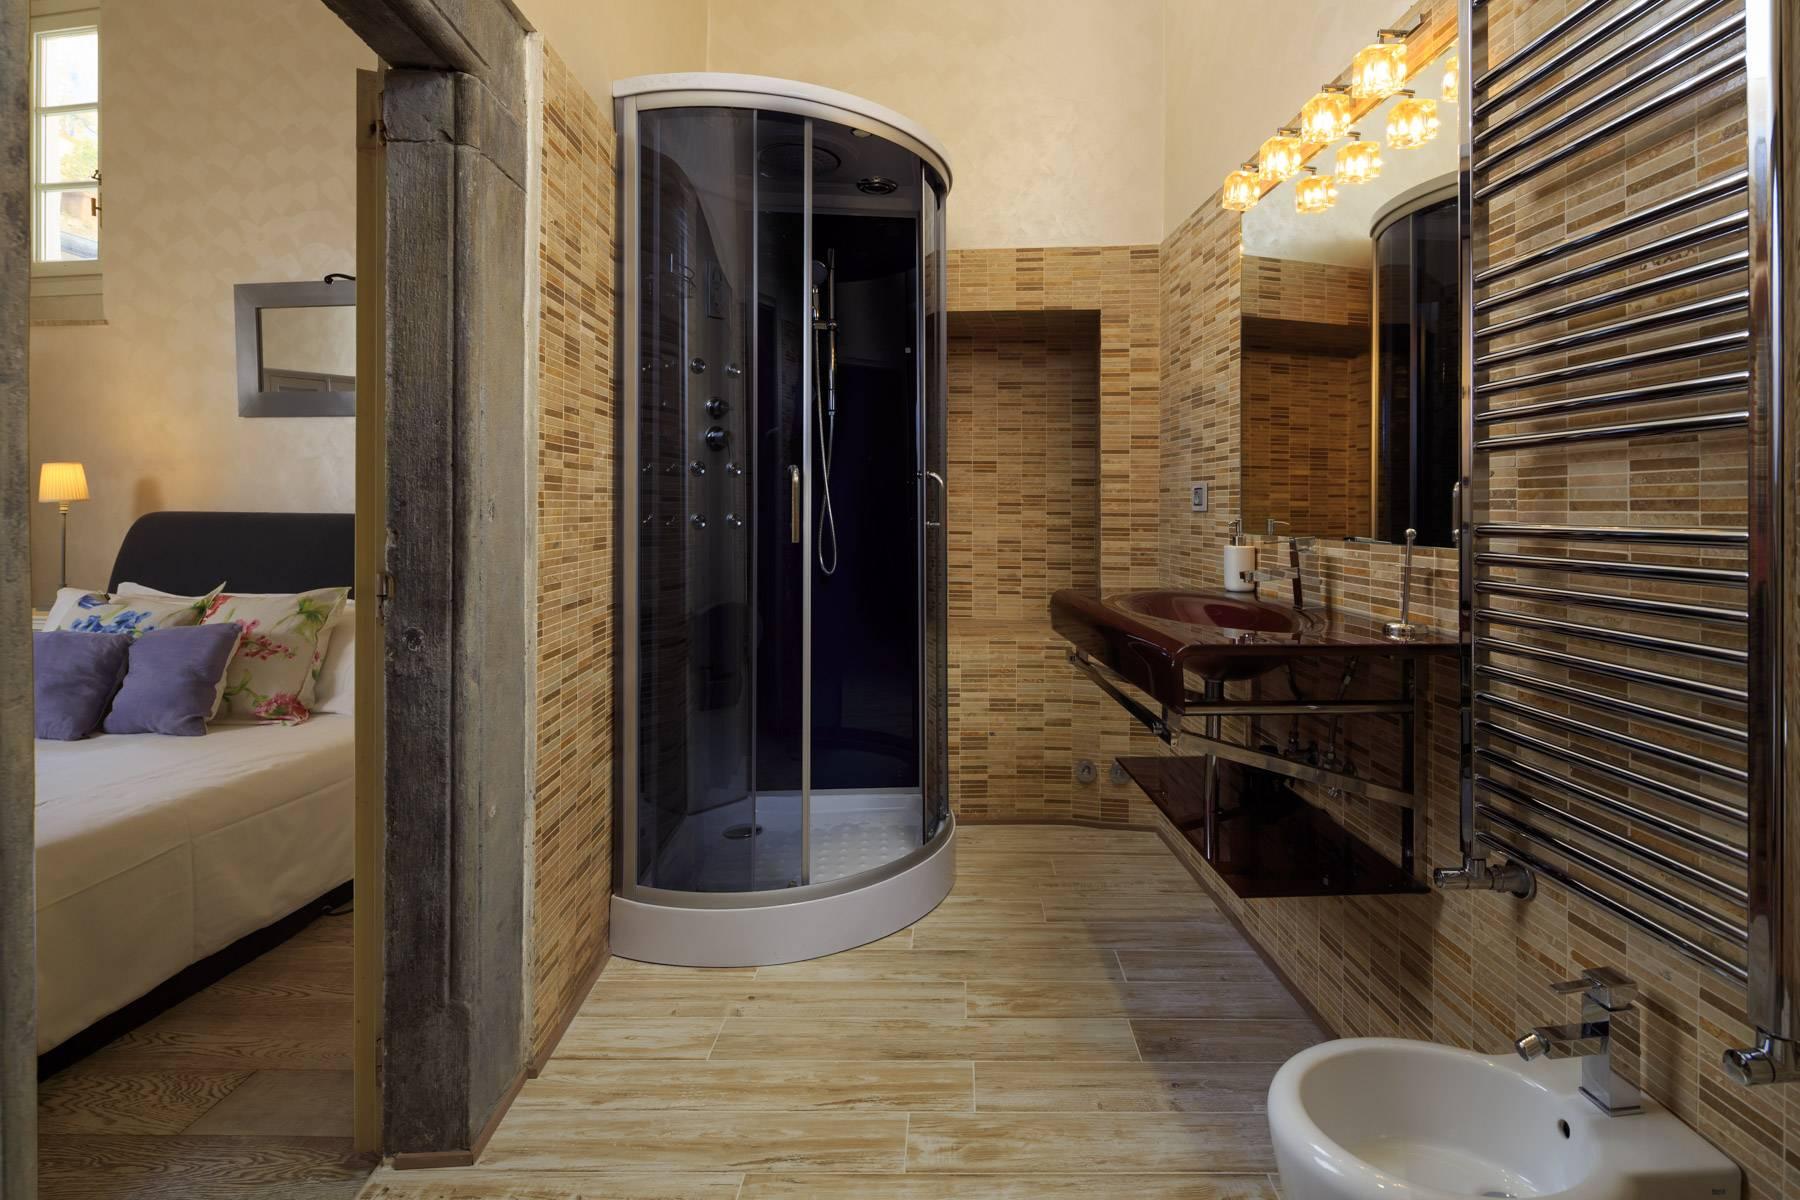 Appartamento in Vendita a Firenze: 5 locali, 140 mq - Foto 14